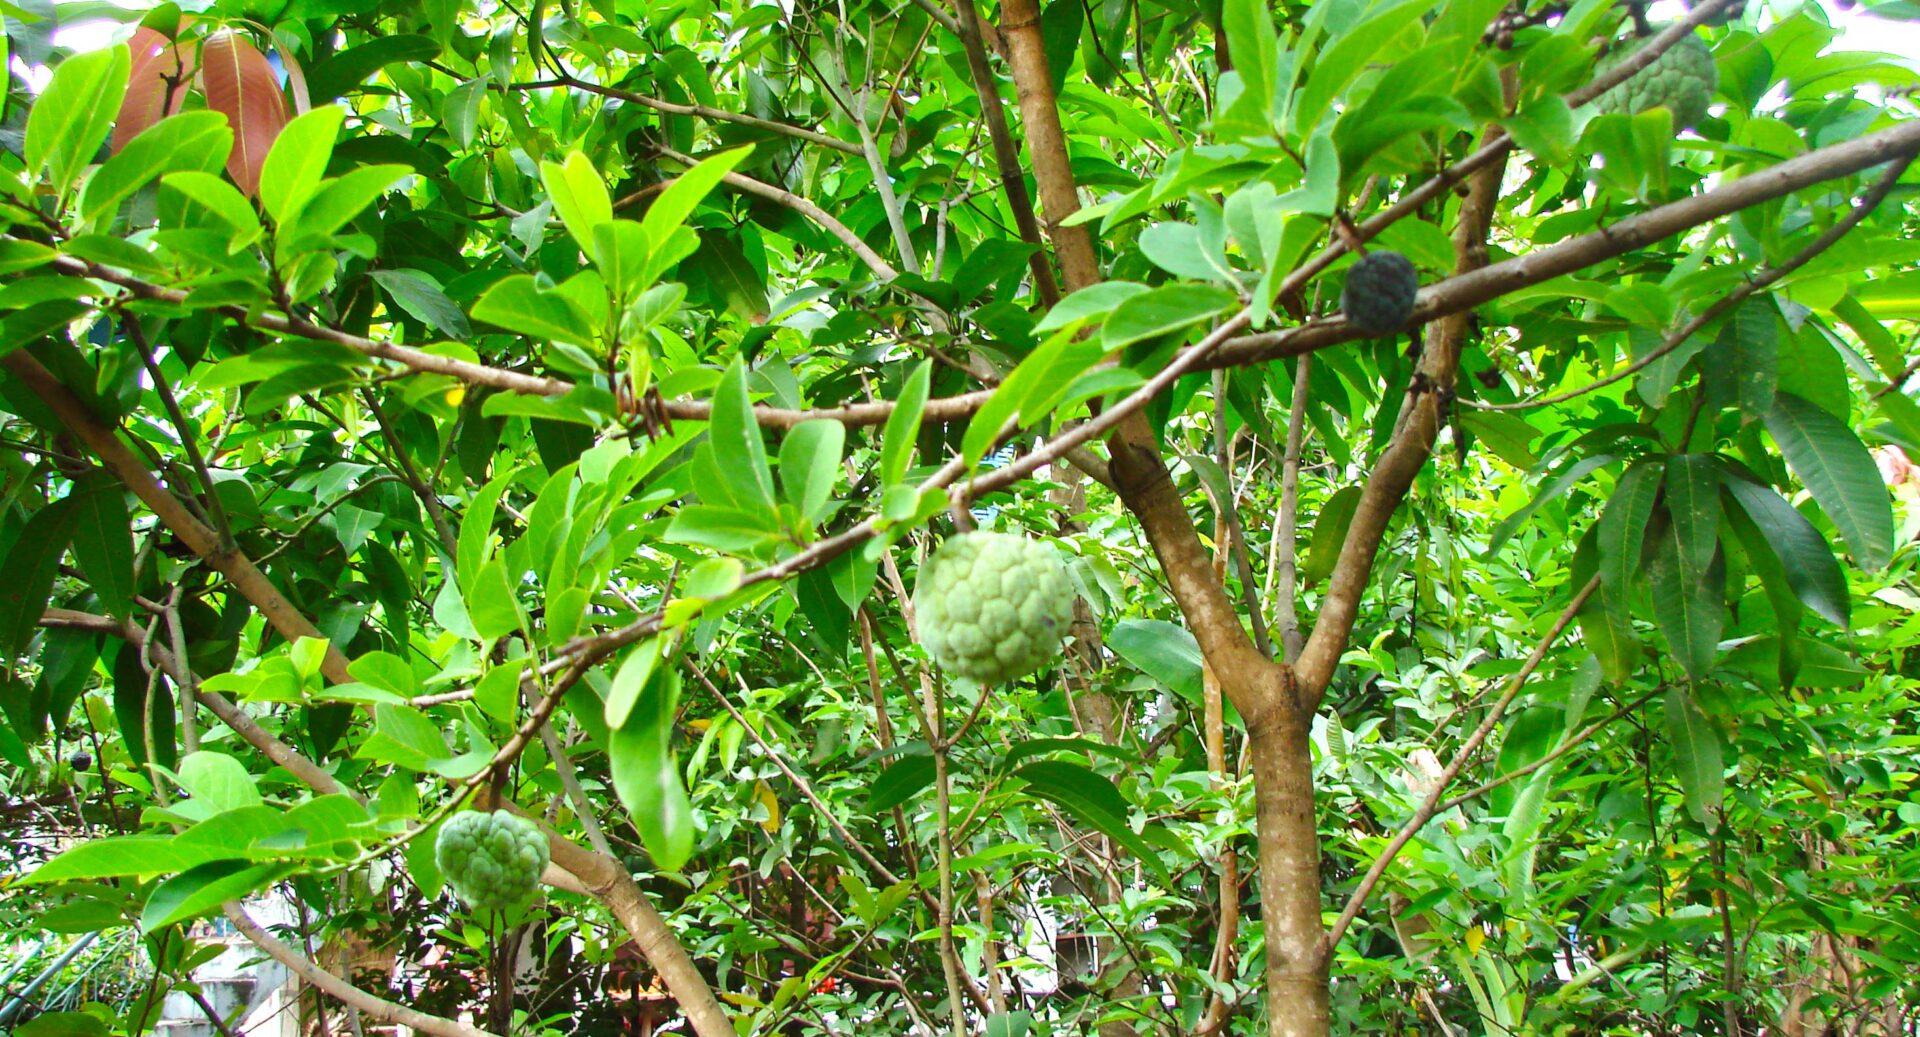 Gröna frukter i ett träd.